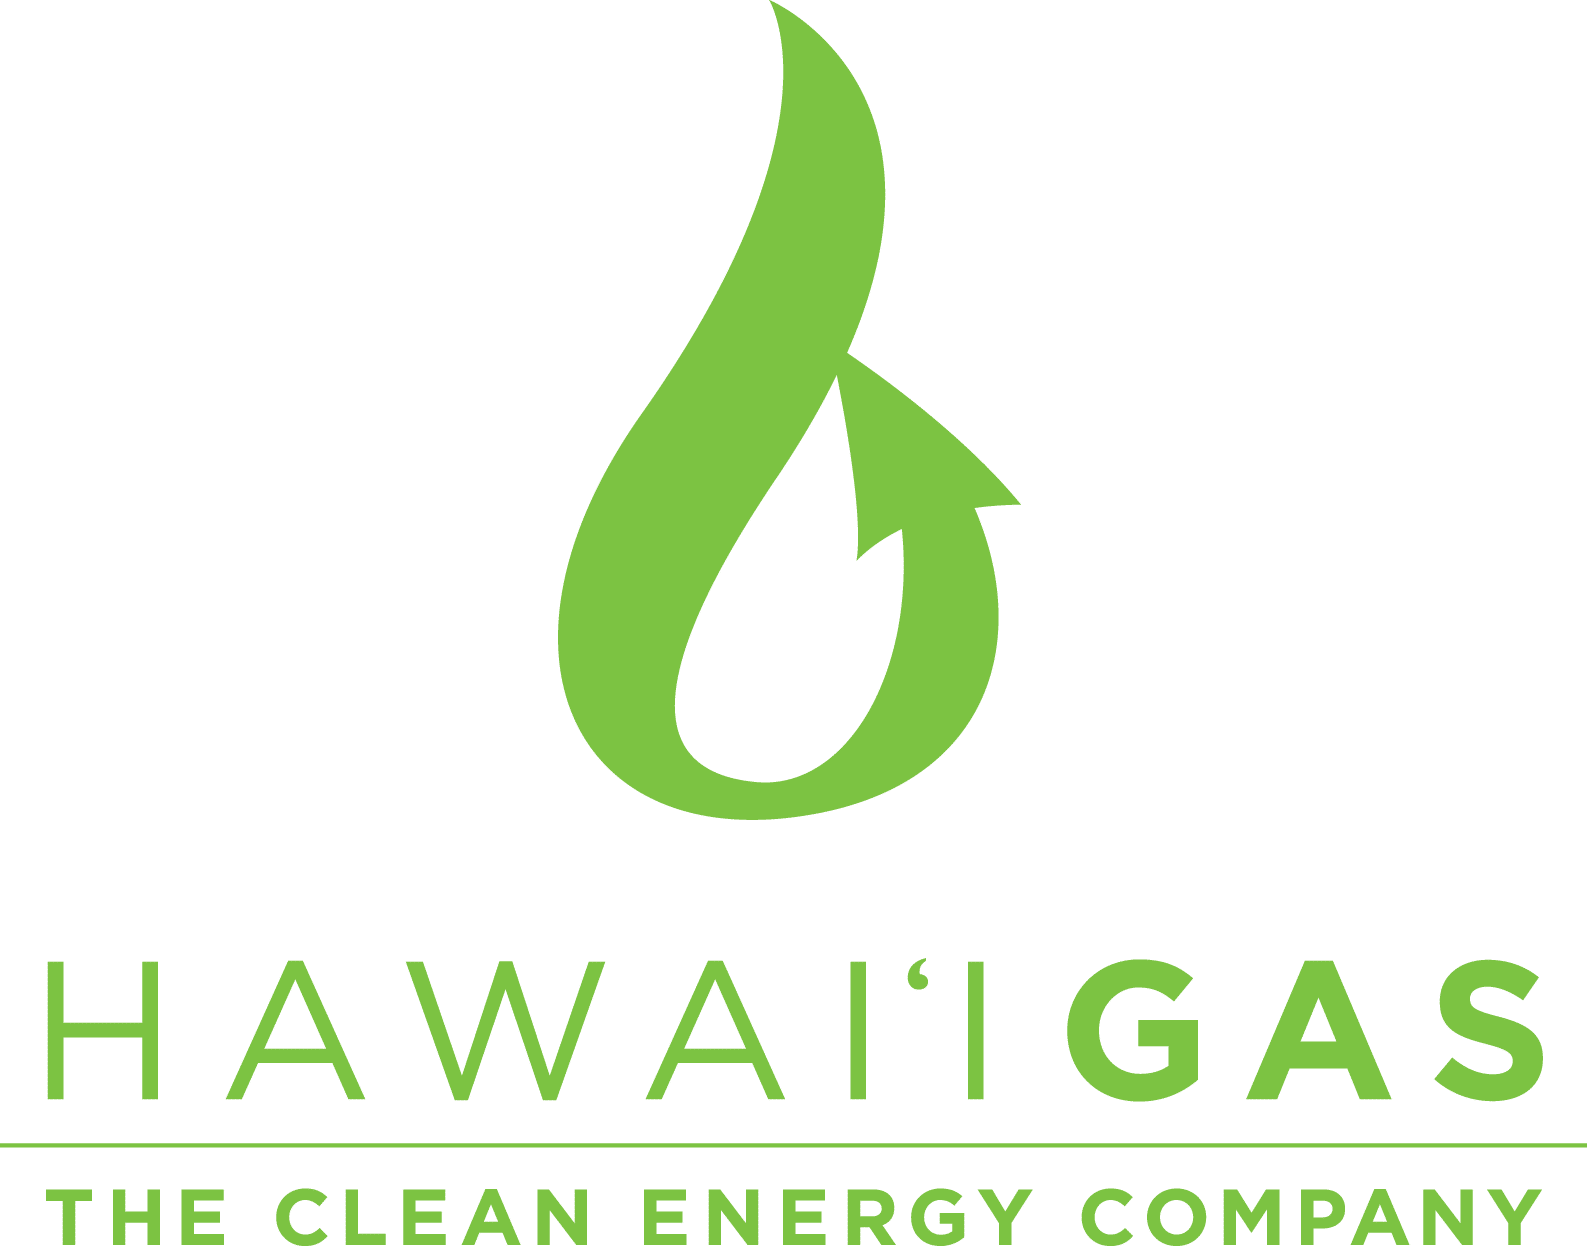 Hawaii Gas logo